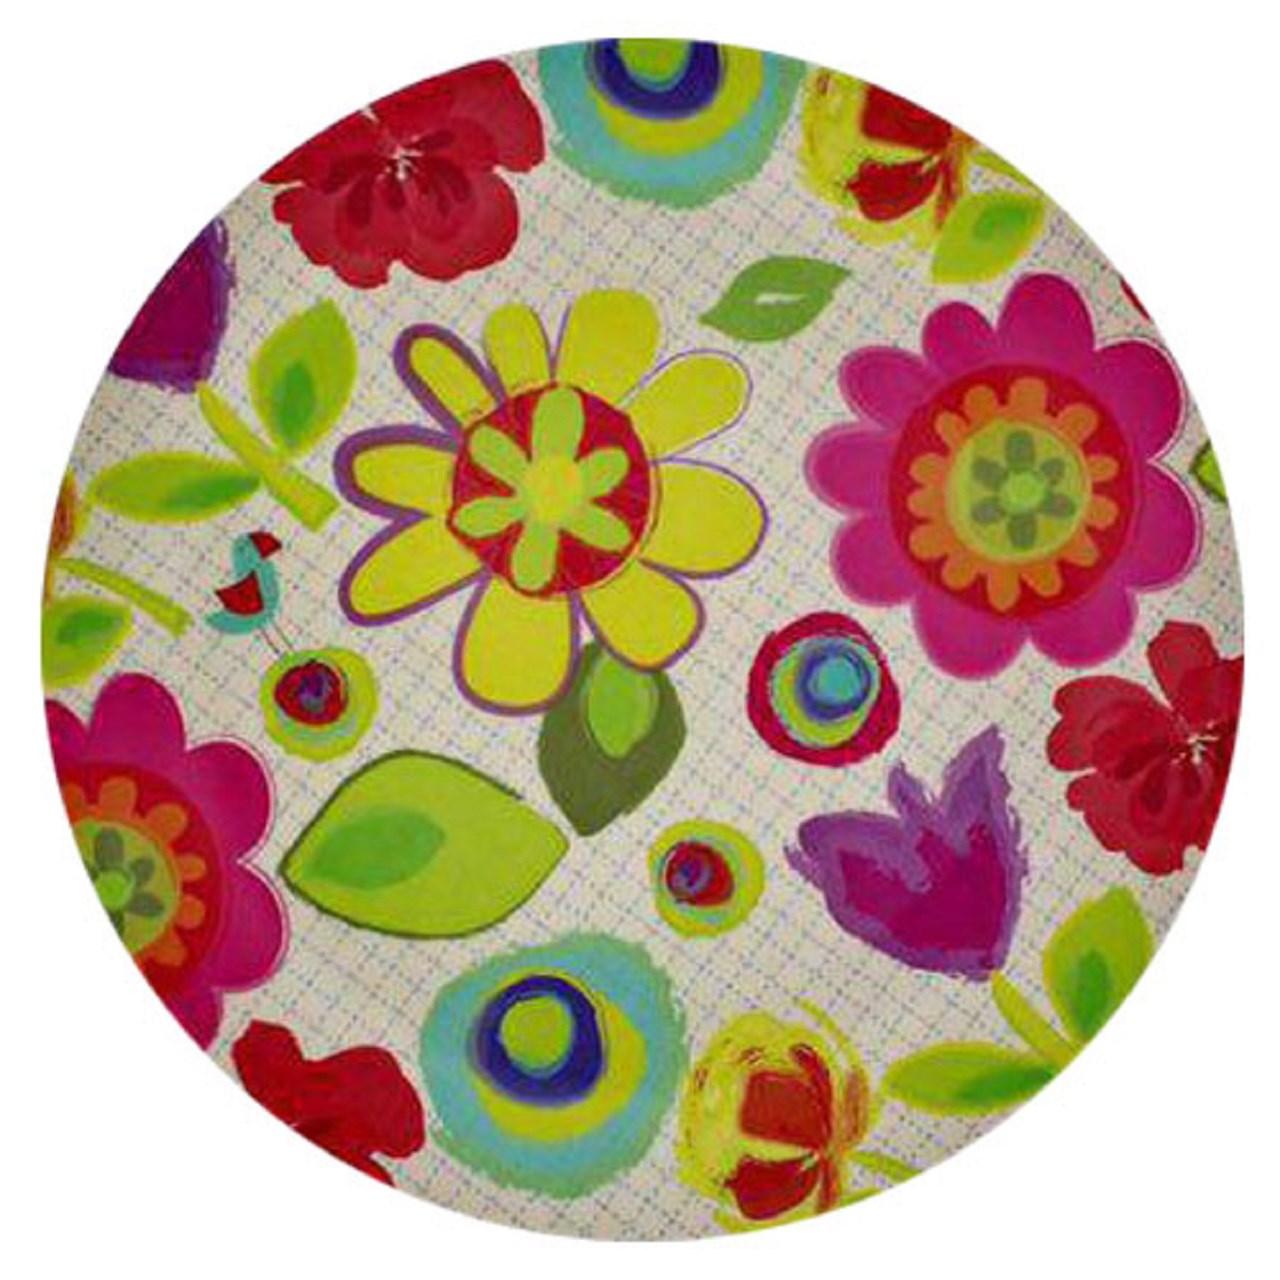 عکس ست پیش دستی بامبو مدل گل کاغذی